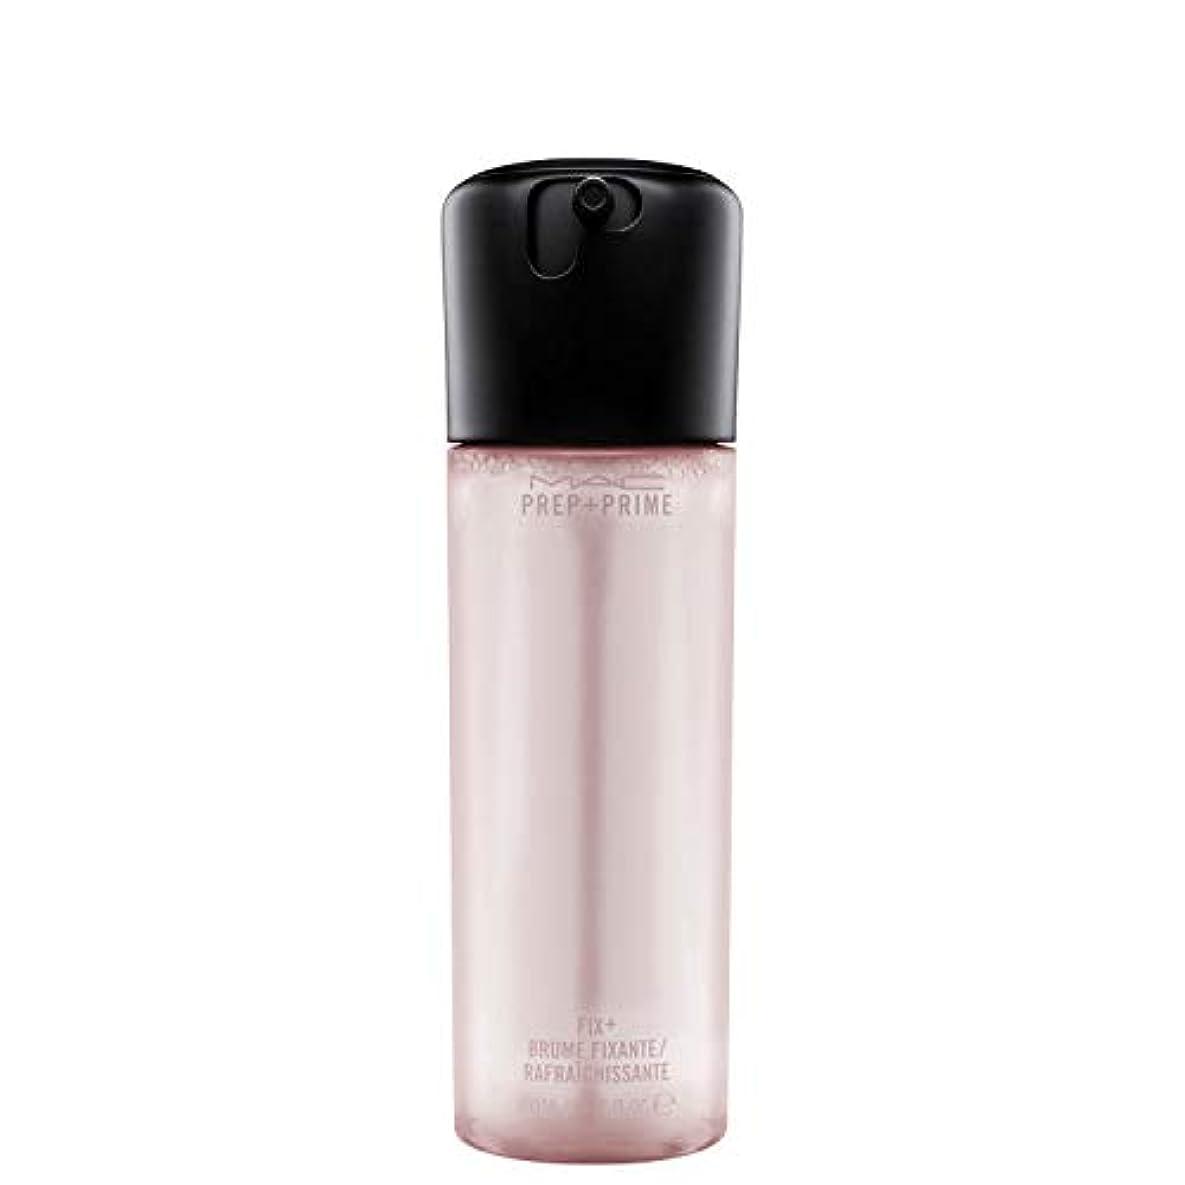 偽装する重要フラッシュのように素早く【MAC 化粧水】プレップ プライム フィックス+ 100ml ラベンダー